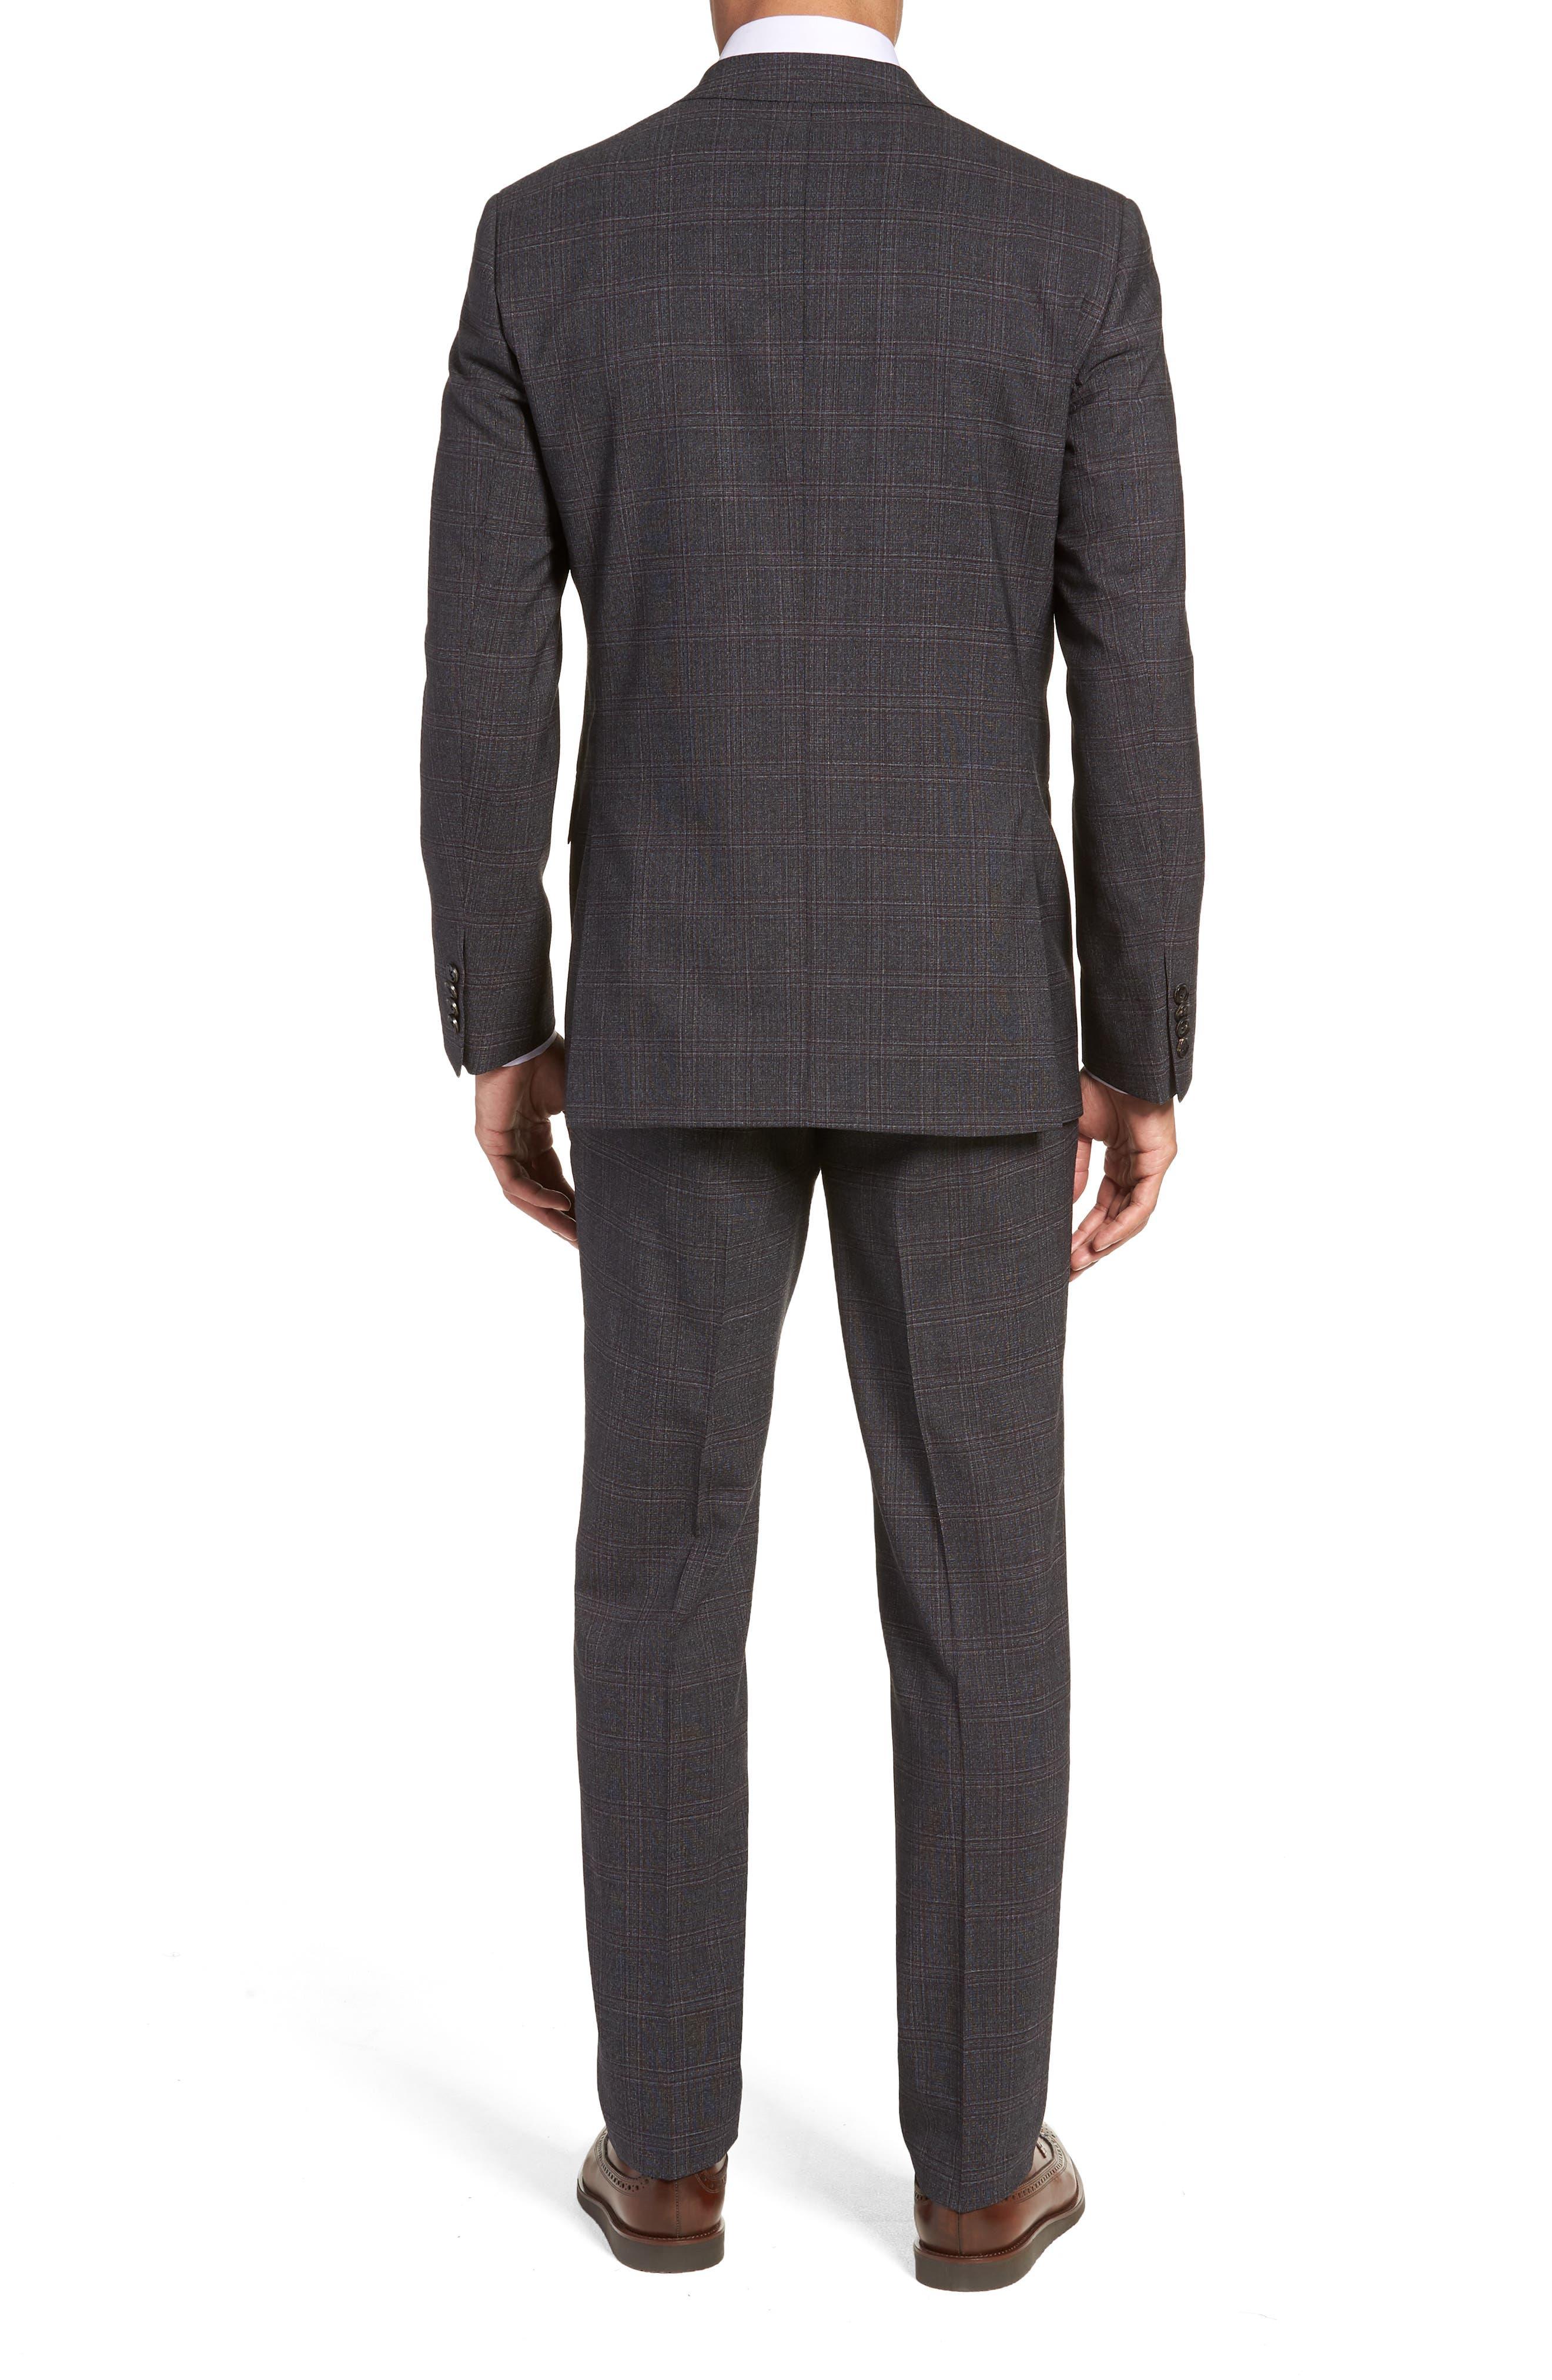 Jay Trim Fit Plaid Wool Suit,                             Alternate thumbnail 2, color,                             CHARCOAL